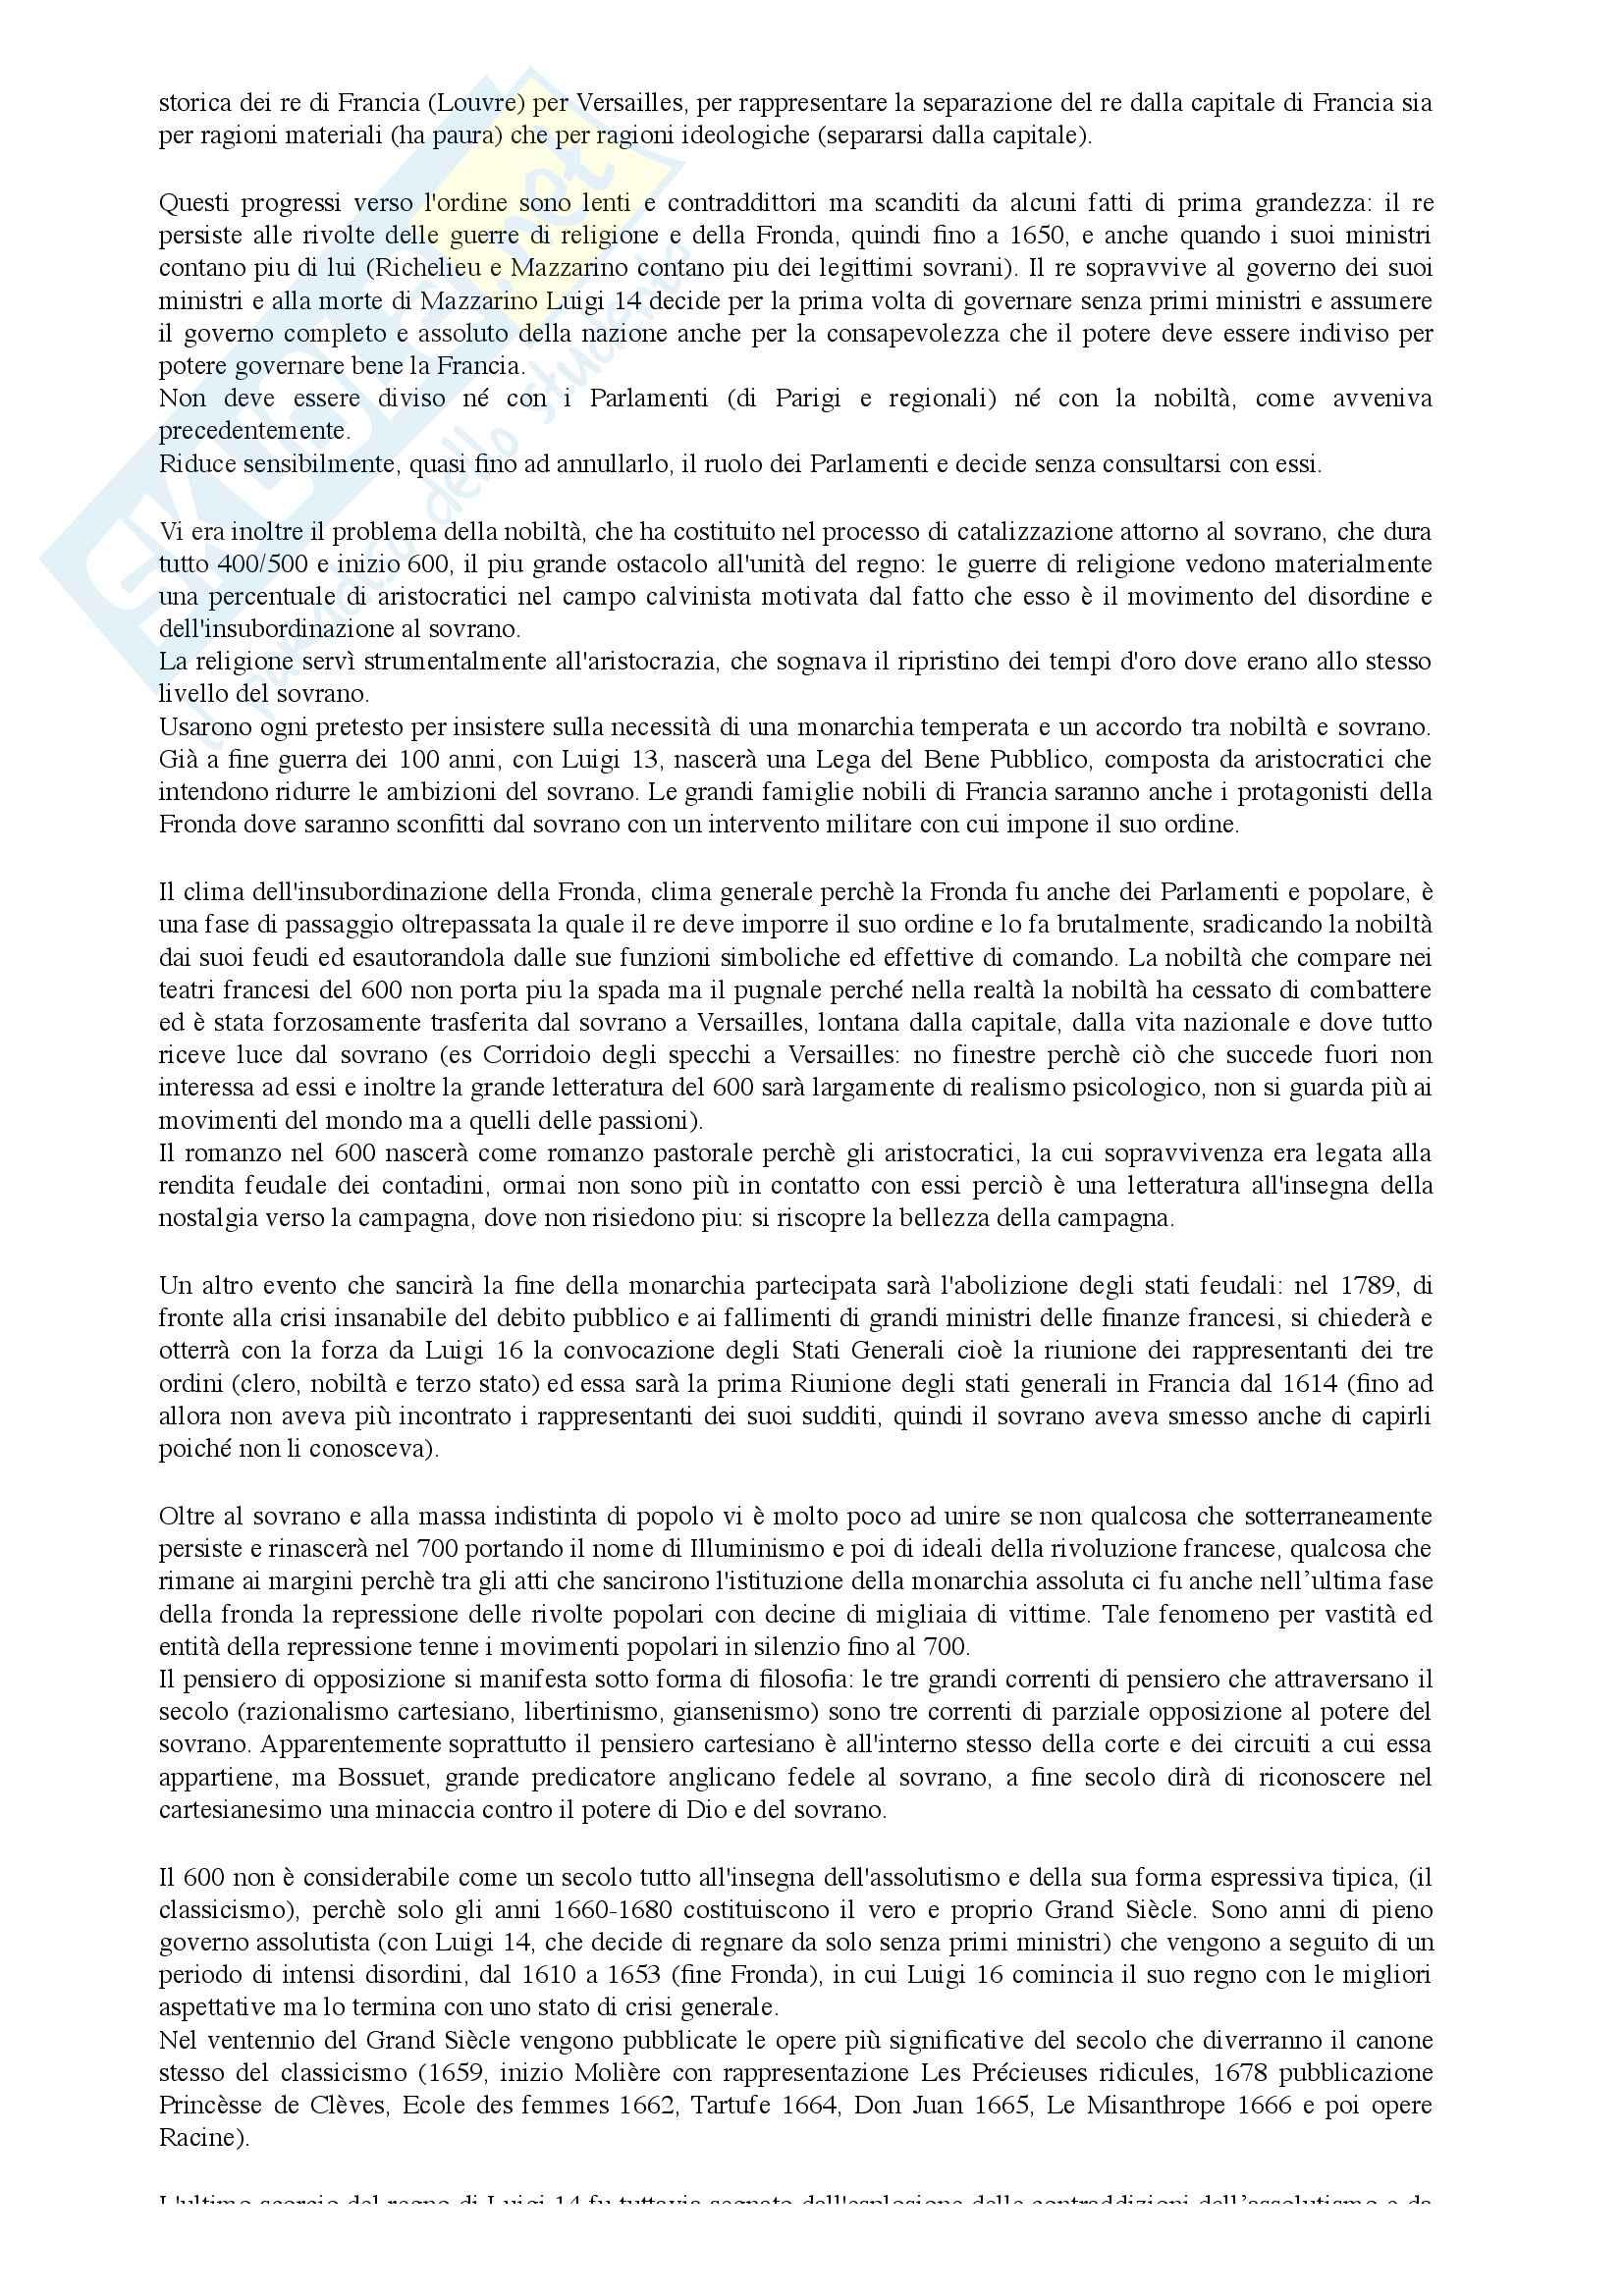 Riassunto per l'esame di Letteratura Francese prof. Cordiner Pag. 6